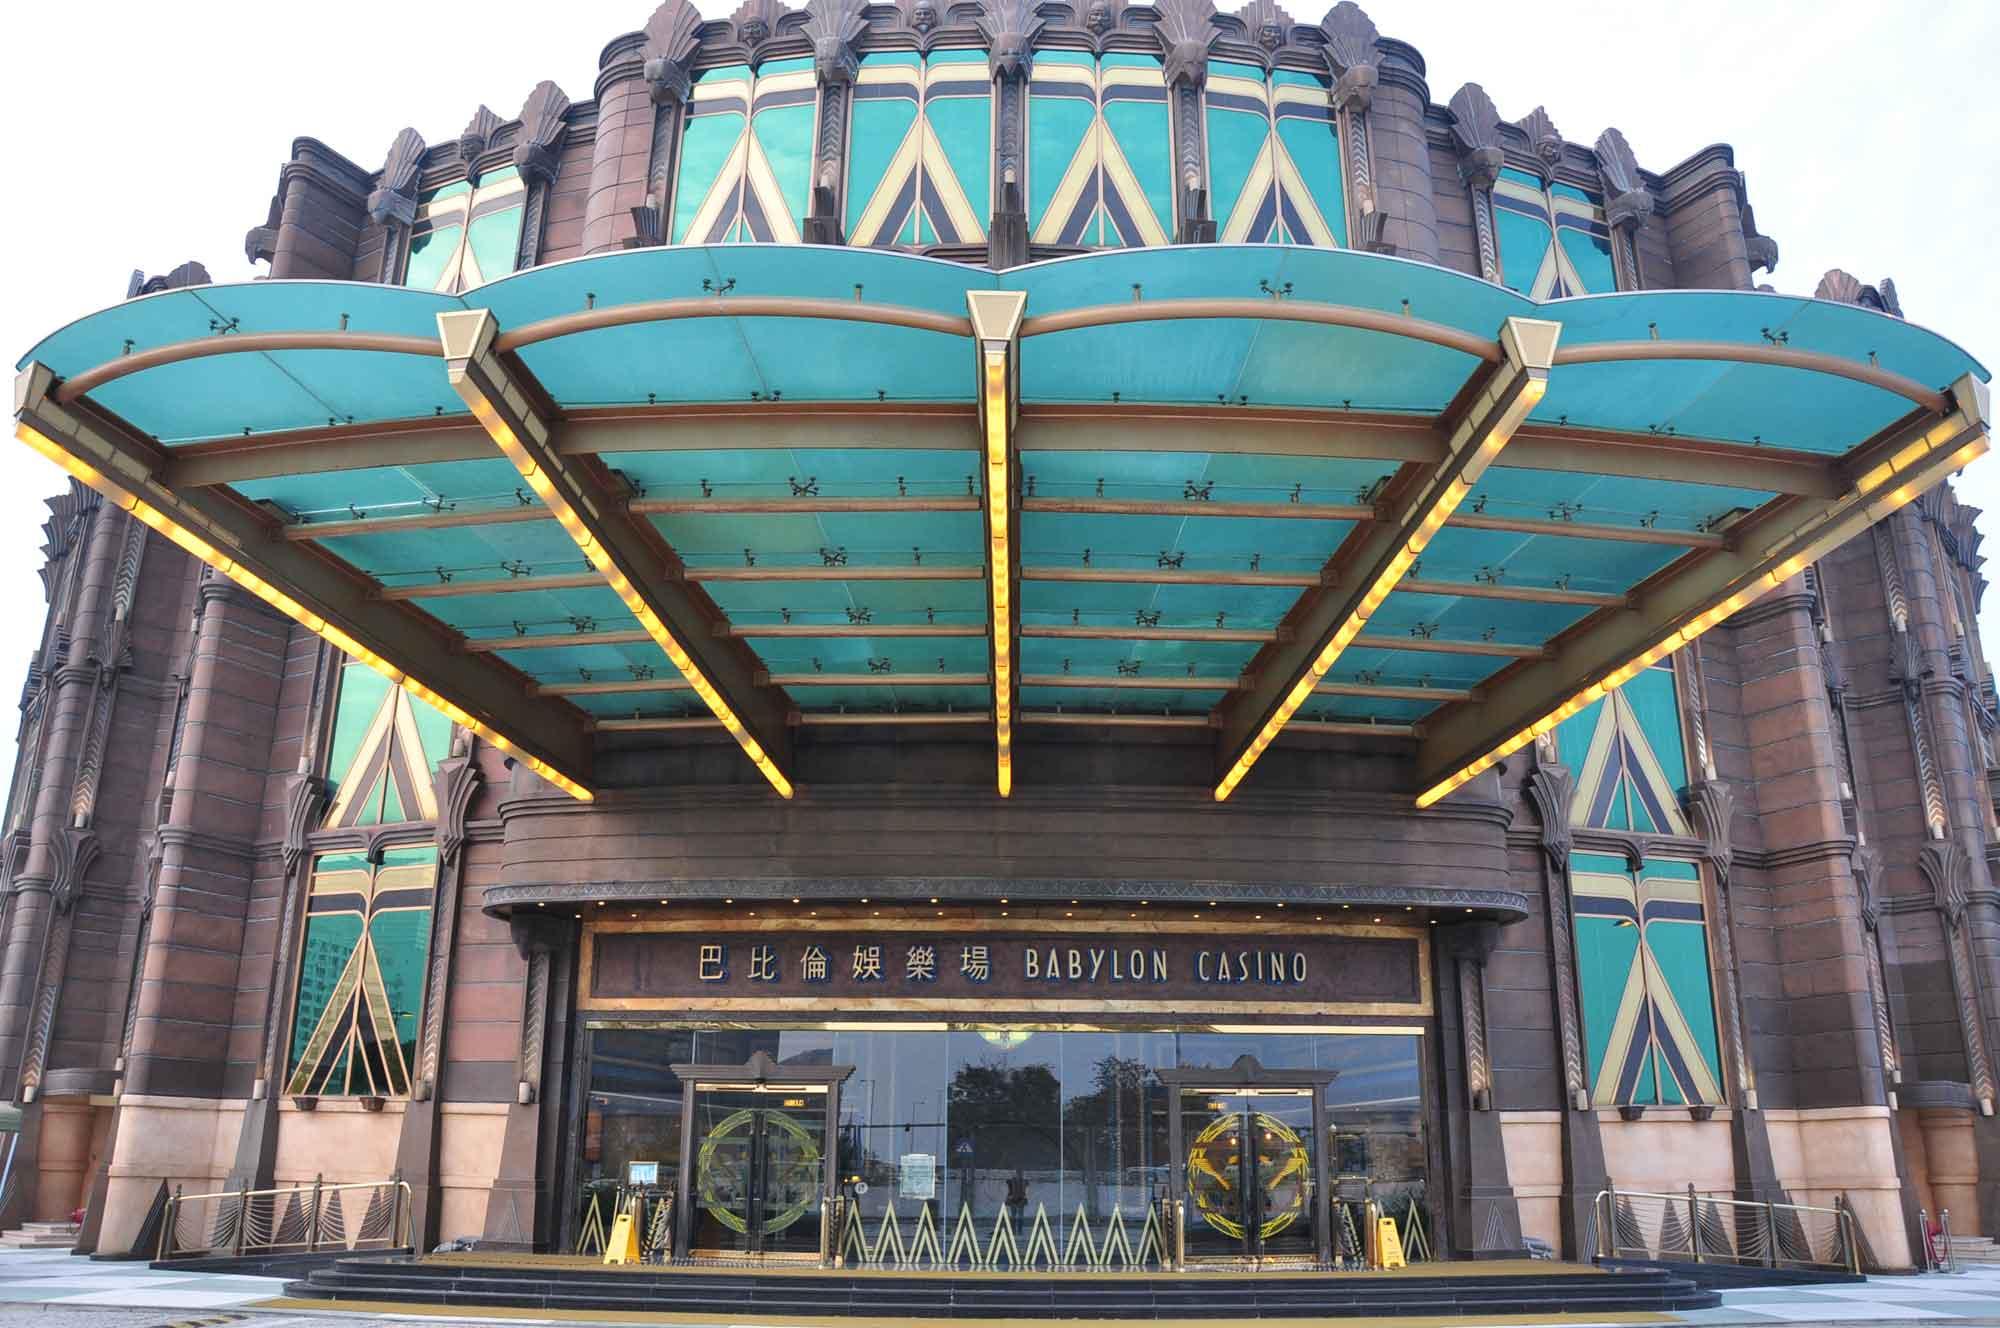 Babylon Casino Macau